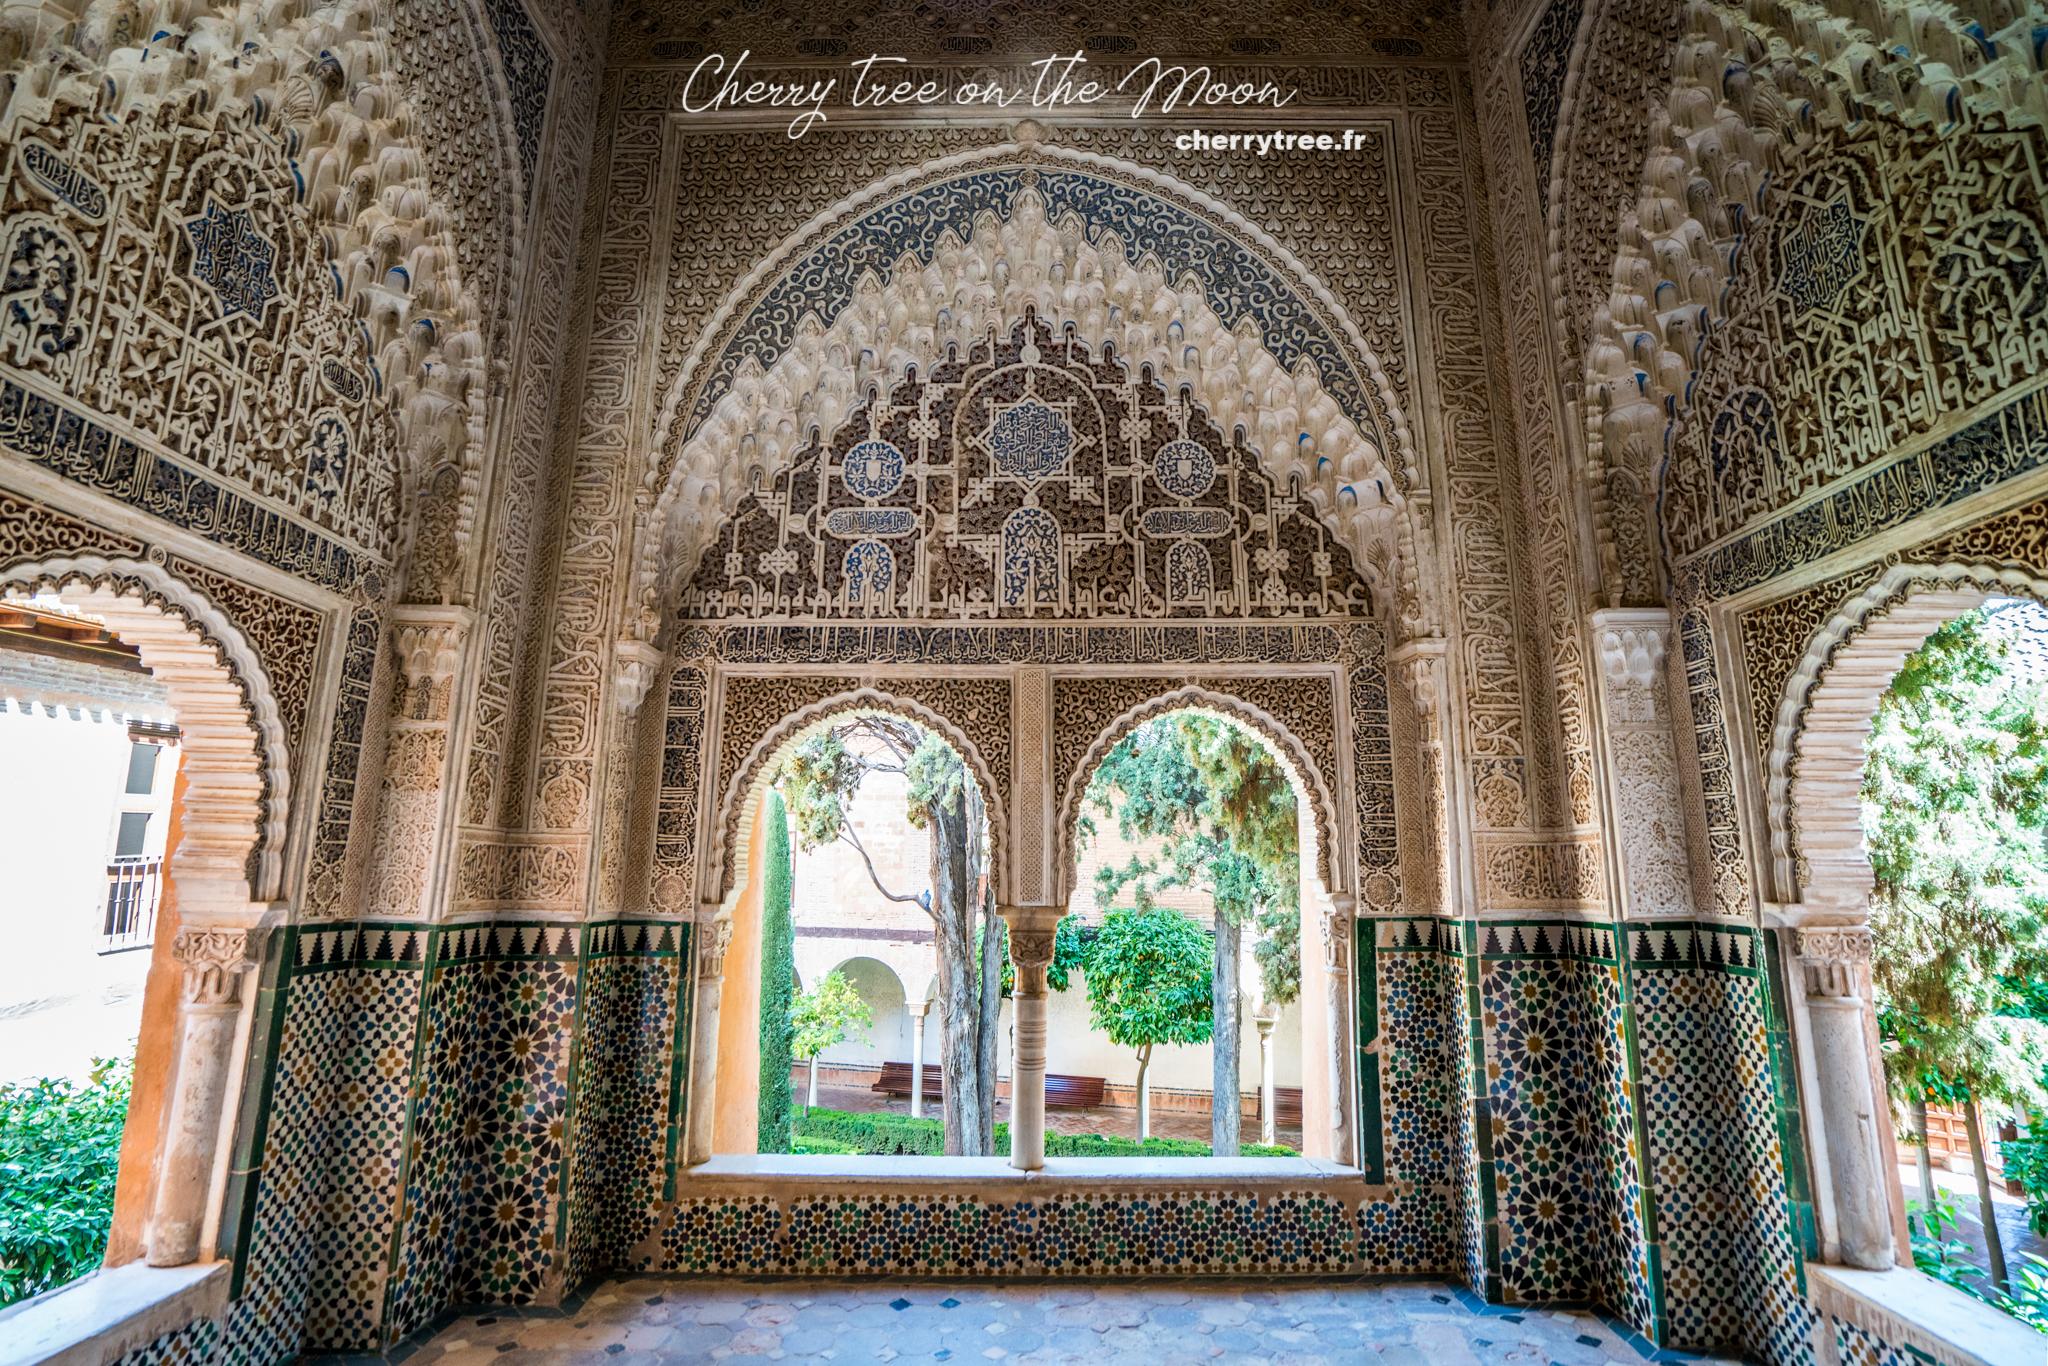 Những mosaic và họa tiết trạm trổ giống hệt ở Maroc nhưng còn nguyên vẹn hơn nhiều